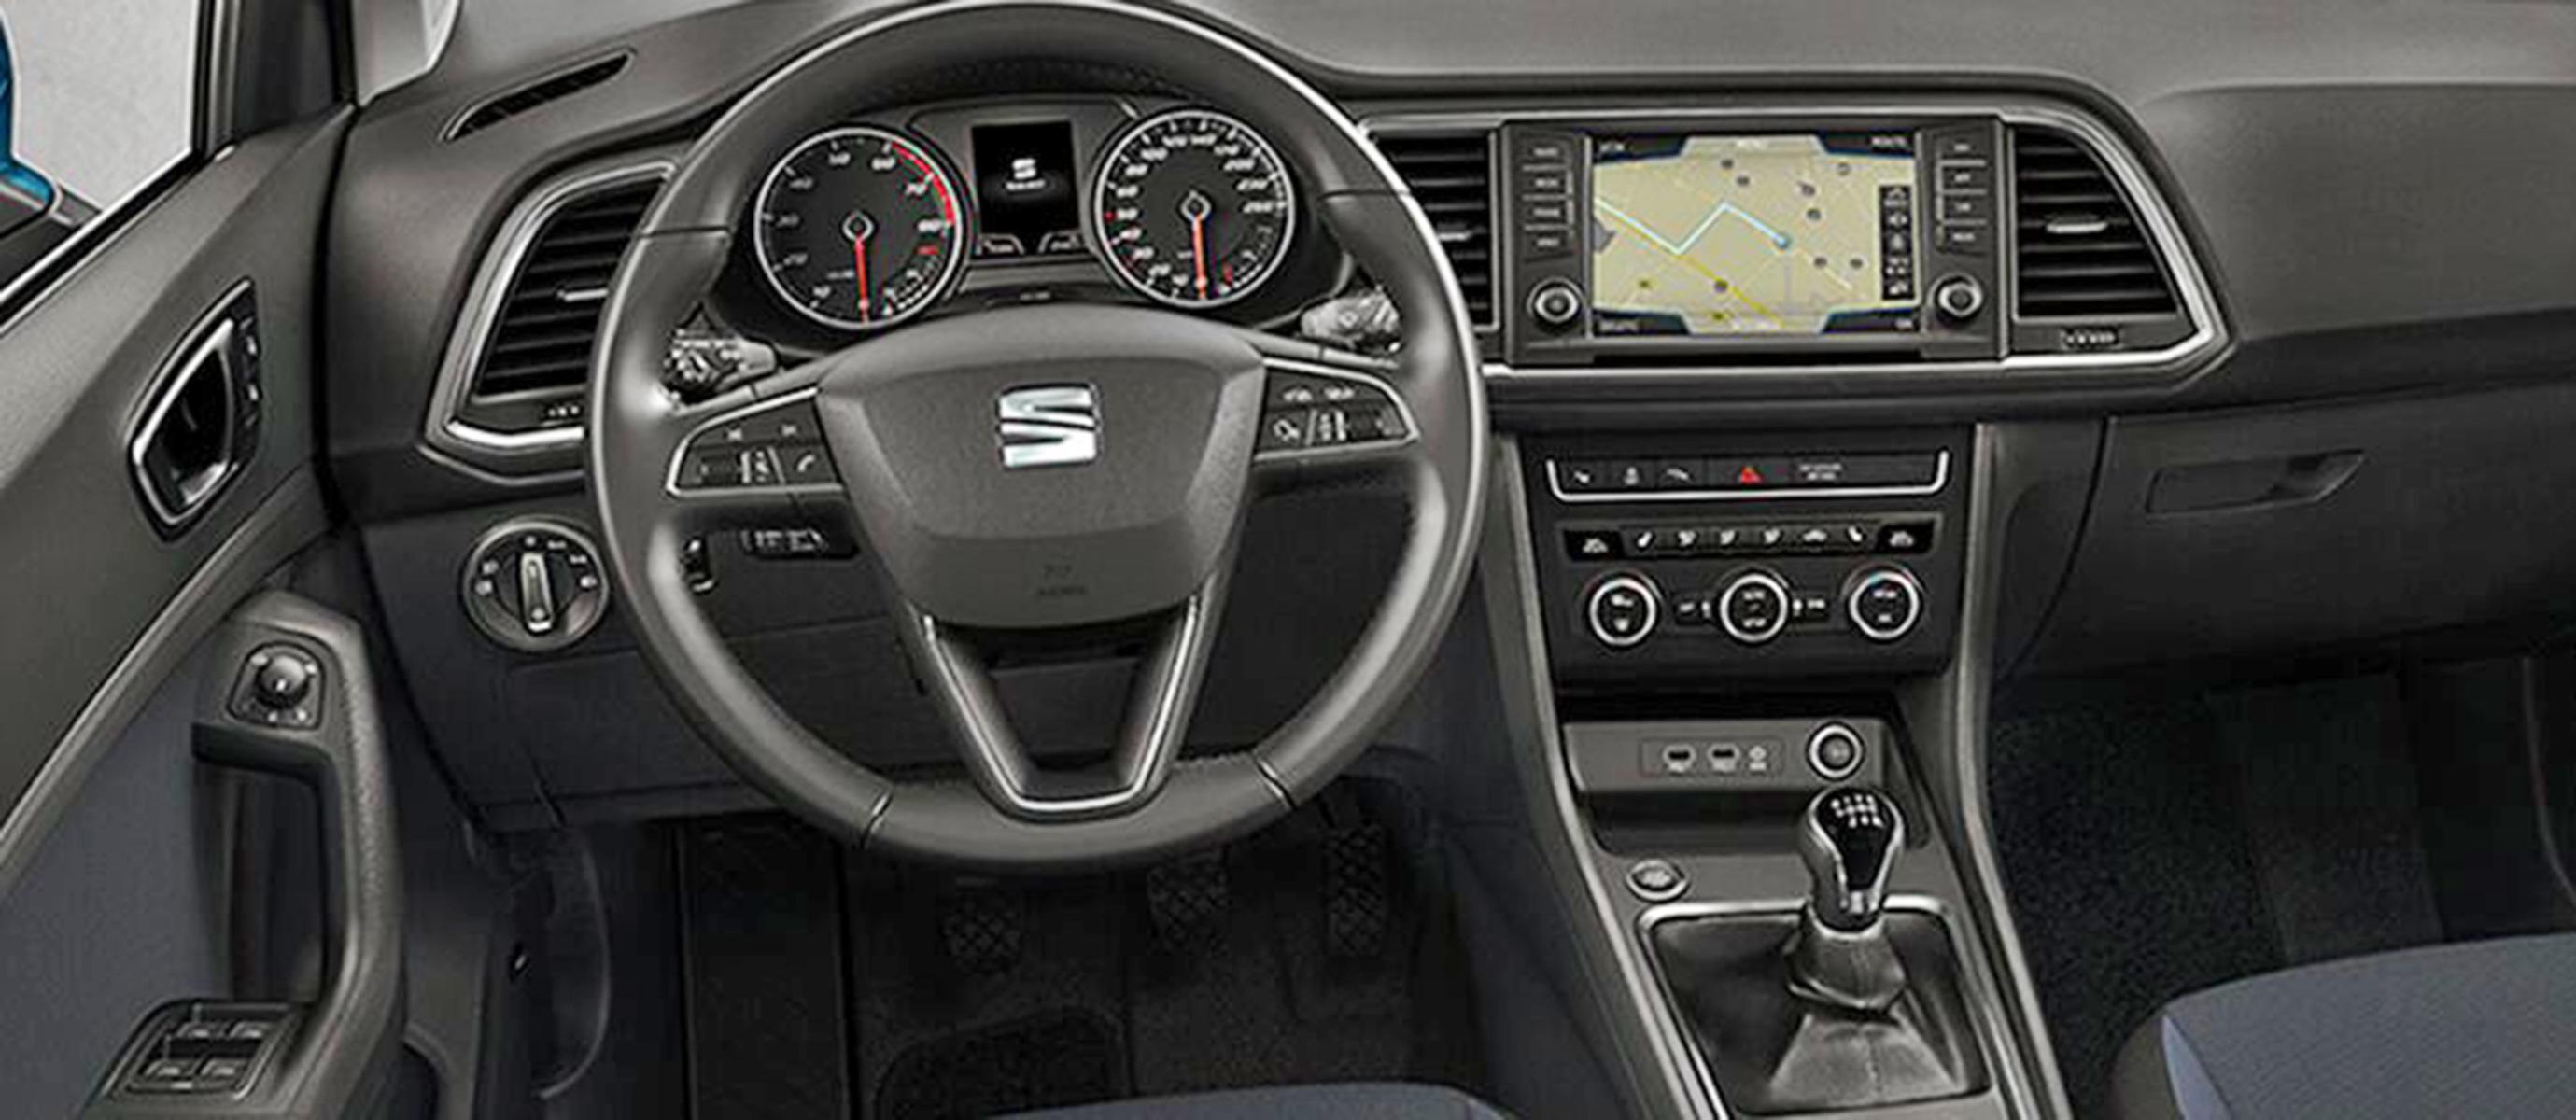 Listino Seat Ateca prezzo - scheda tecnica - consumi ...